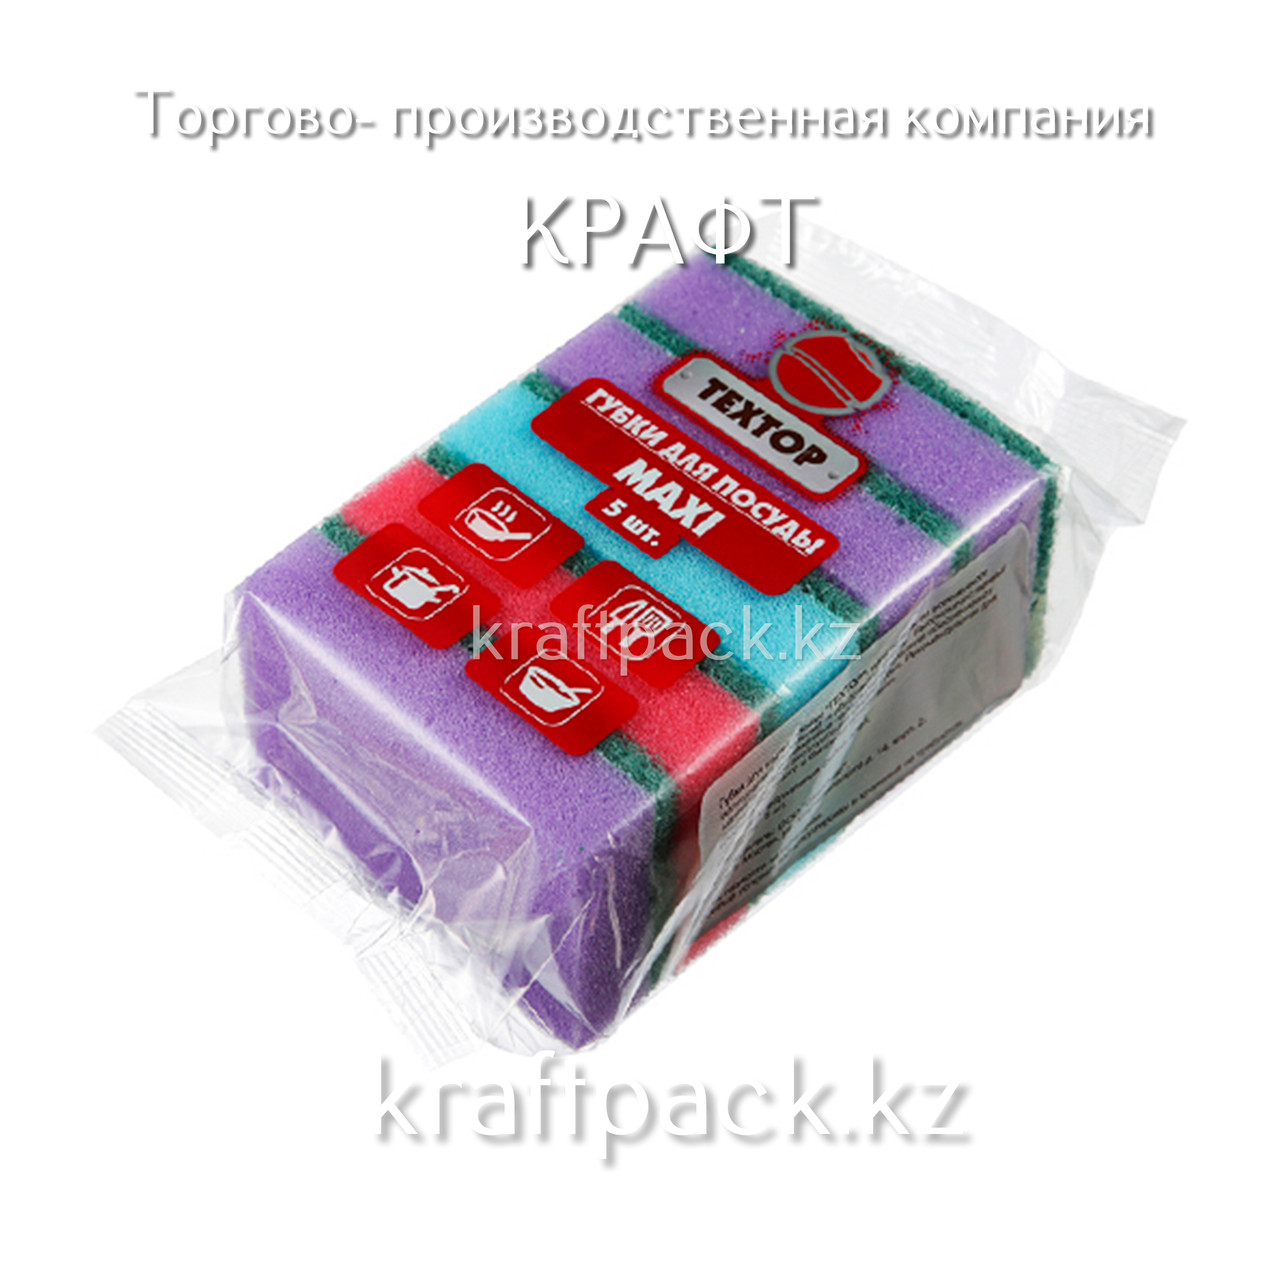 Губки для посуды TEXTOP Maxi (5 шт/уп)